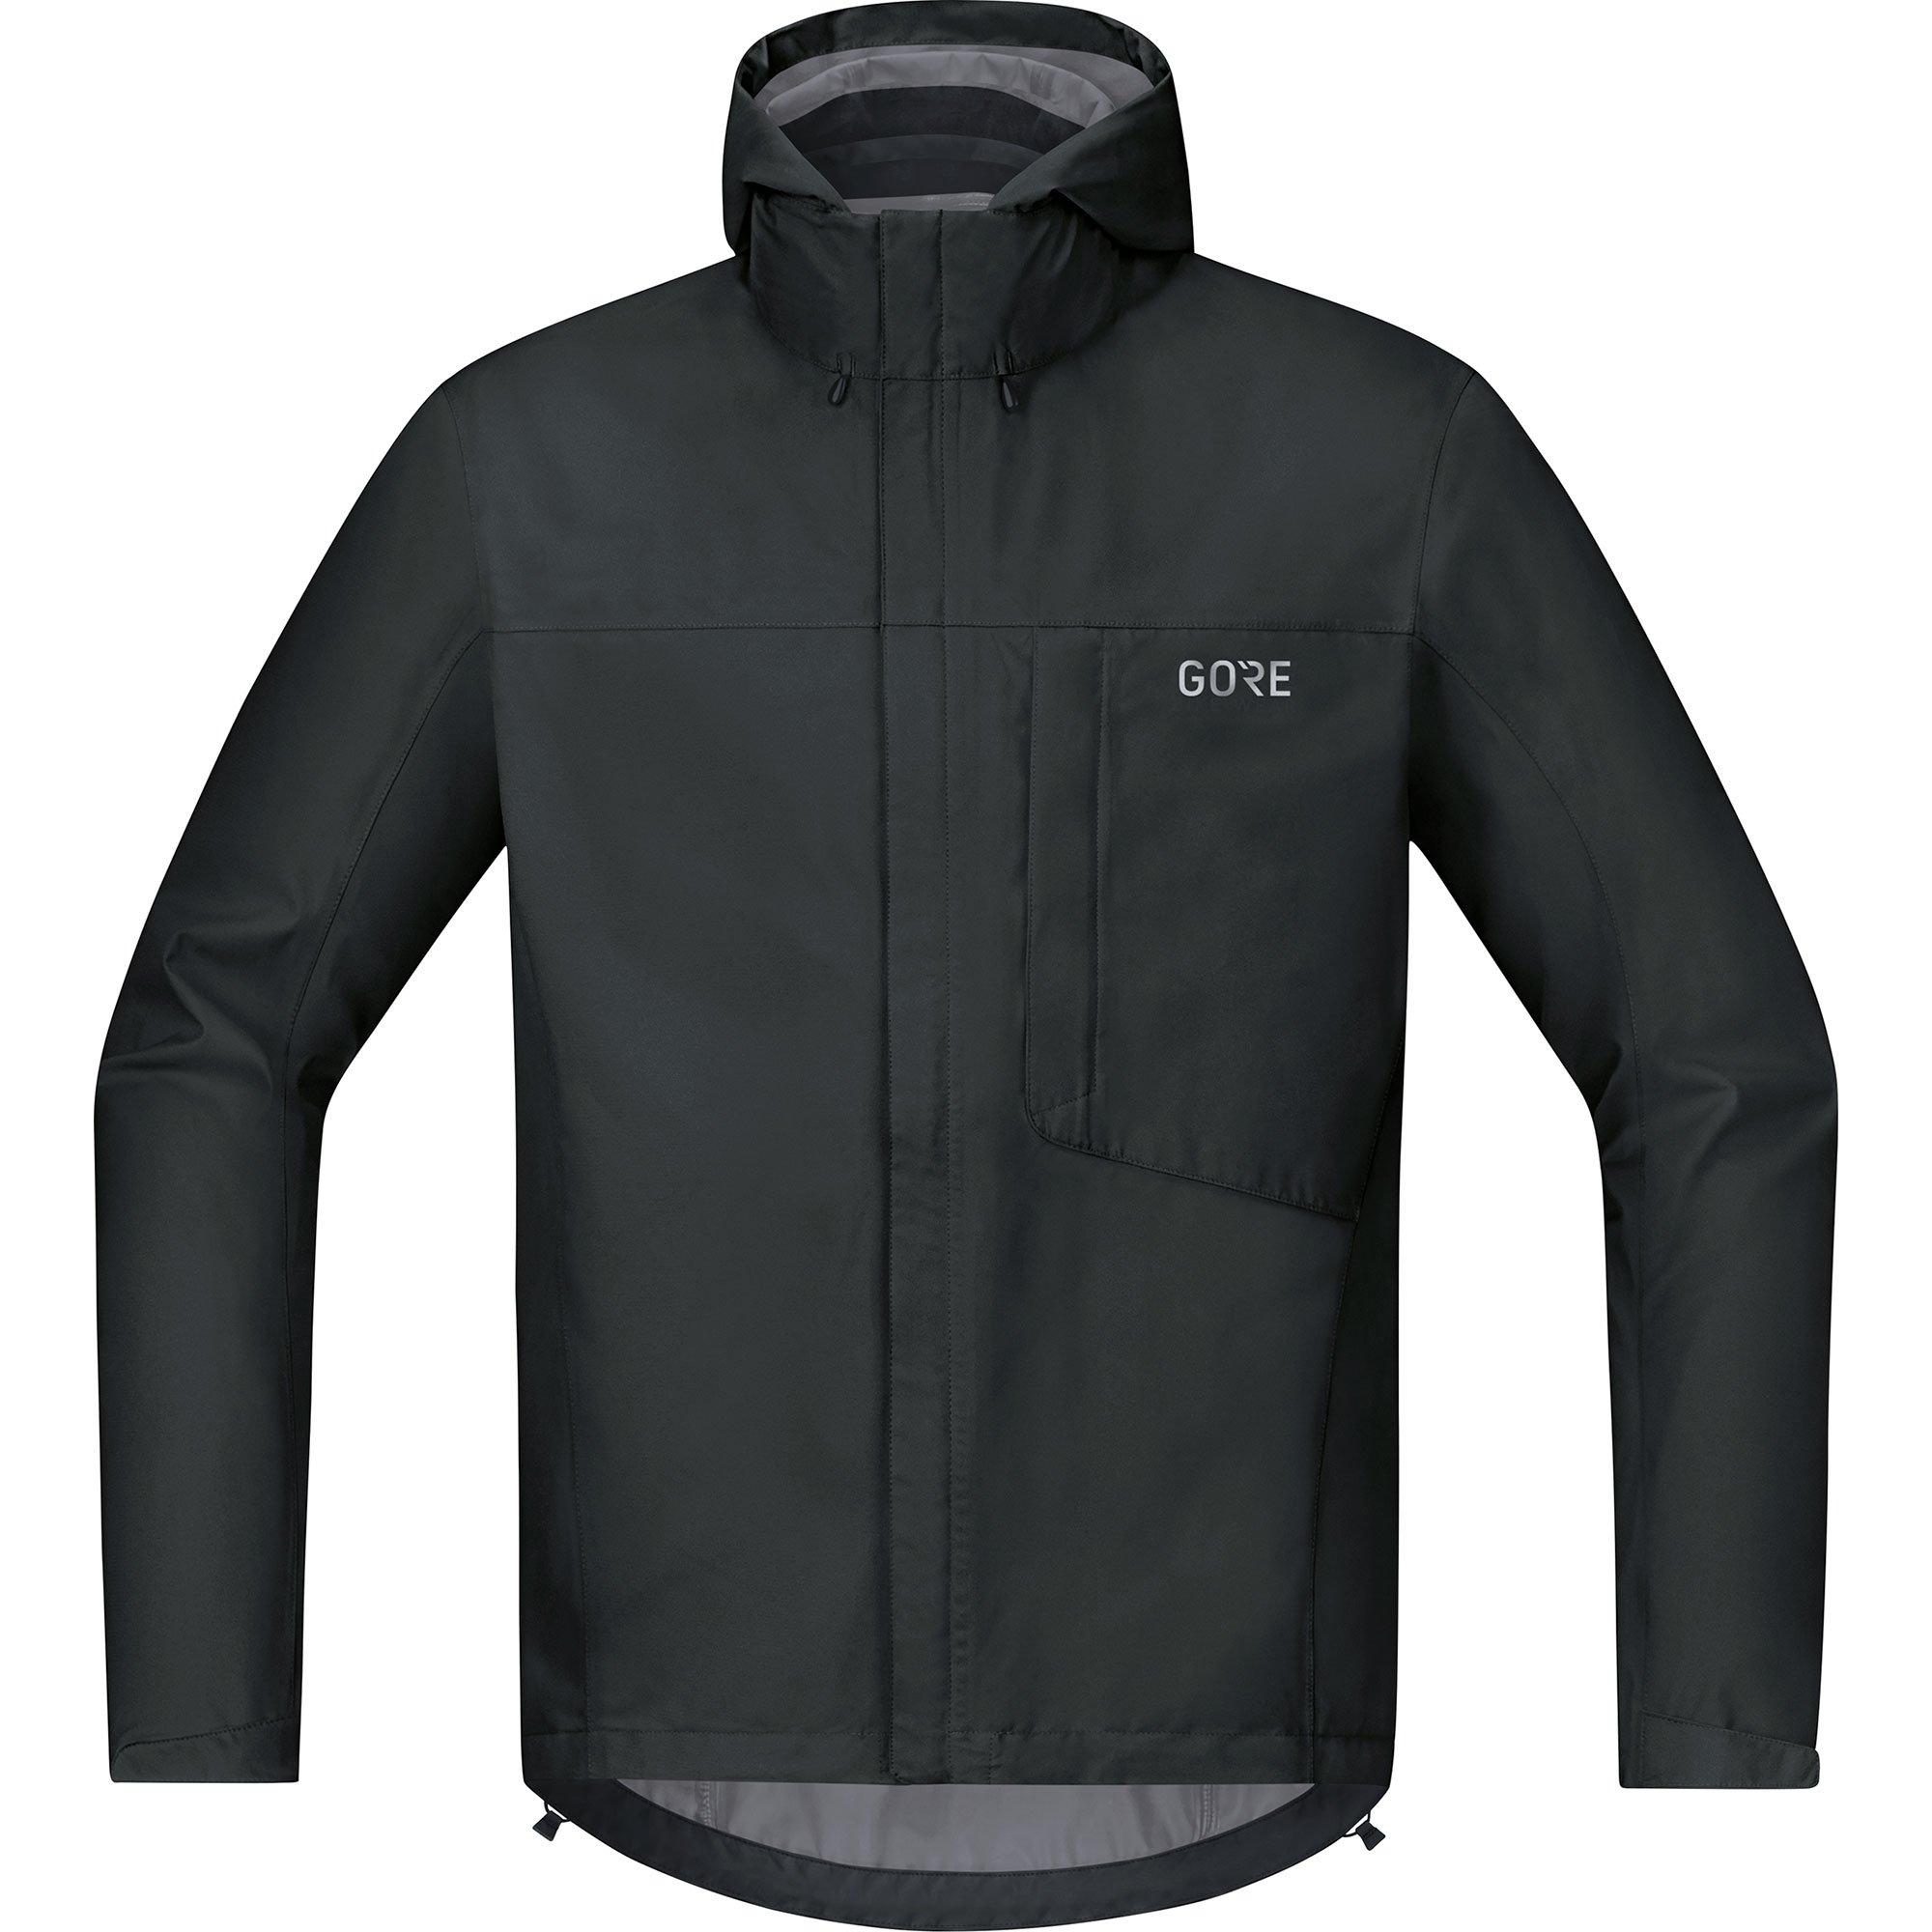 size 40 5f473 07926 GORE WEAR, Uomo, Giacca Impermeabile con Cappuccio da Ciclismo, Gore C3  Gore-Tex Paclite Hooded Jacket, 100036 - FACESHOPPING